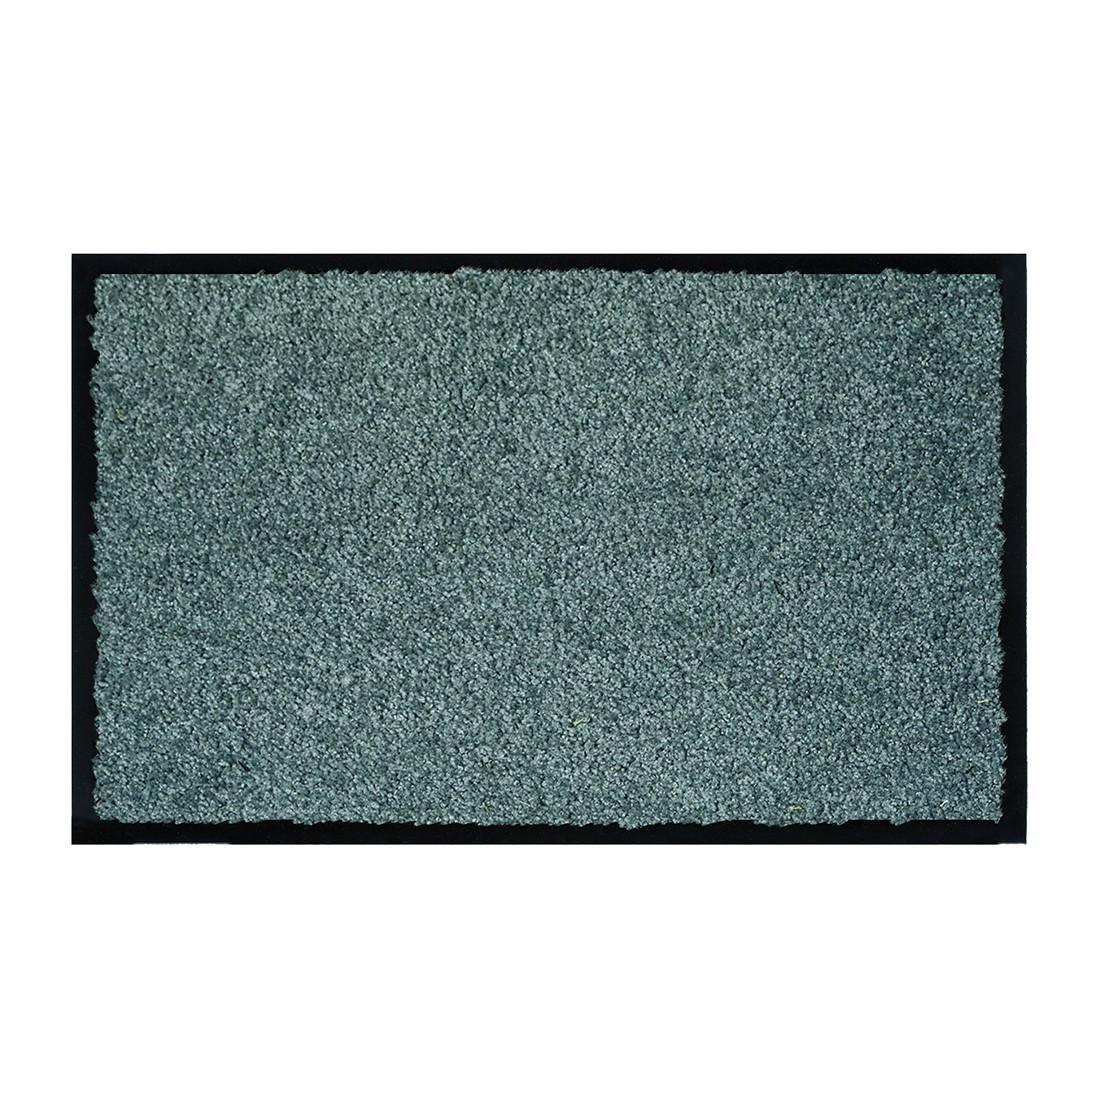 Fußmatte Proper Tex – Grau – 90 x 150 cm, Astra günstig online kaufen